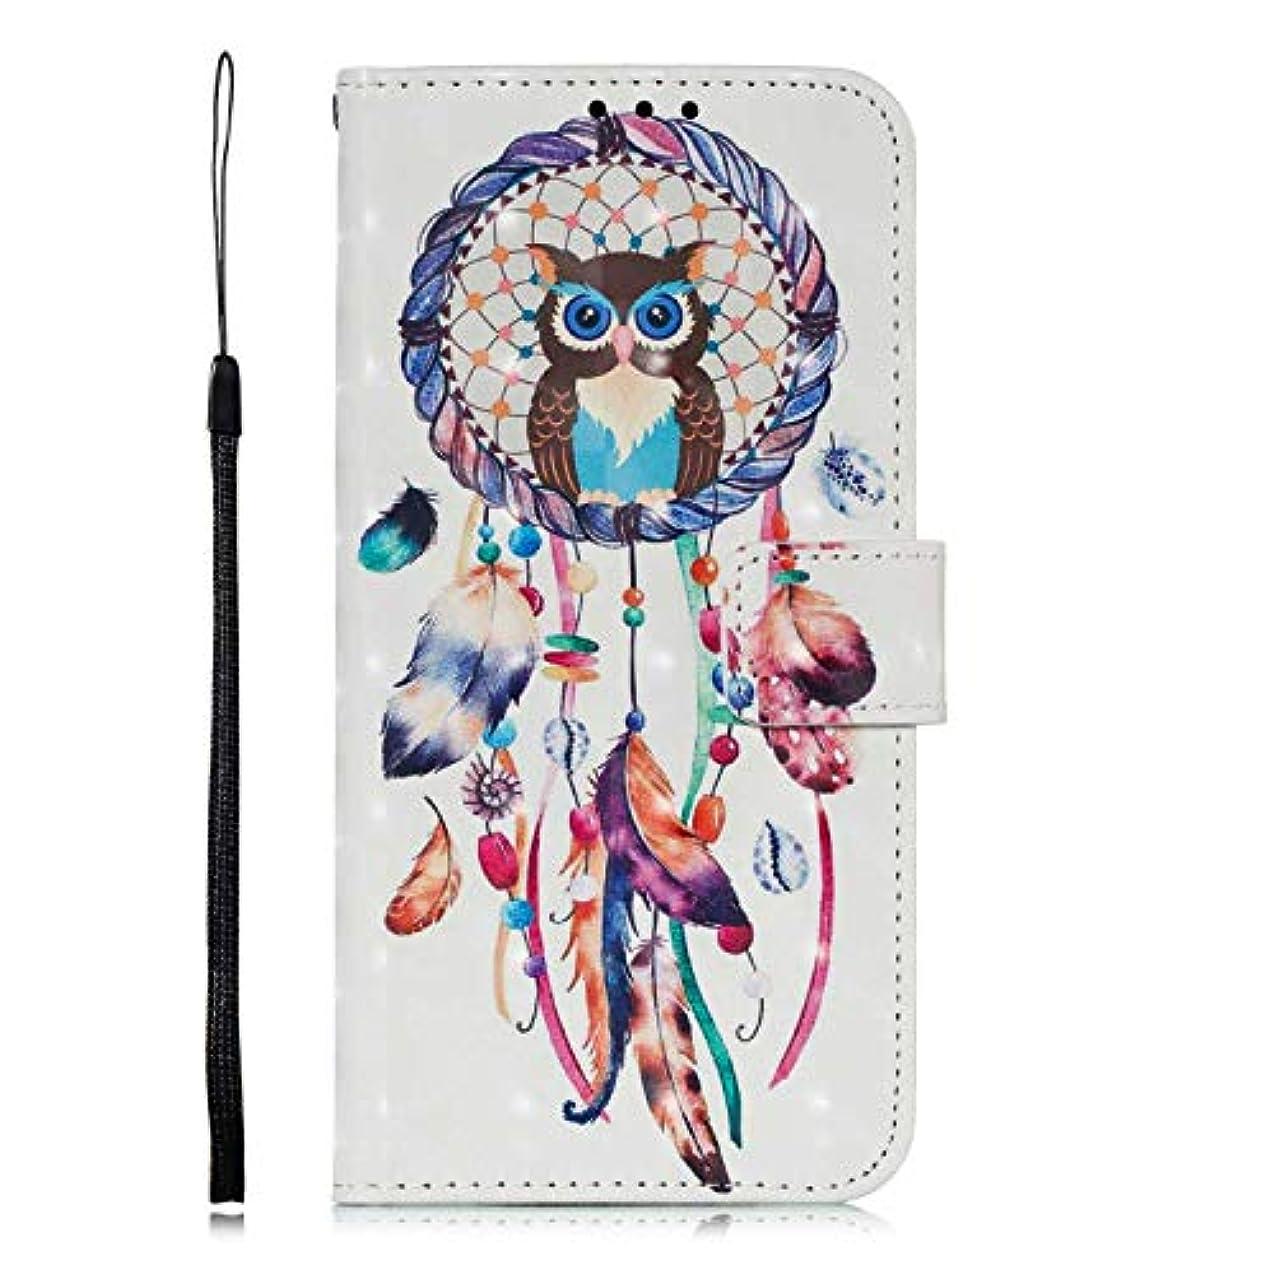 まっすぐ起こるうっかりOMATENTI Galaxy A8 2018 ケース, ファッション良質 PU レザー 財布型 ケース 薄型 人気 新製品 衝撃吸収 全面保護 スマホケース, 付きスタンド機能, カードホルダー機能 ストラップ付き Galaxy A8 2018 用 Case Cover, フクロウとドリームキャッチャー